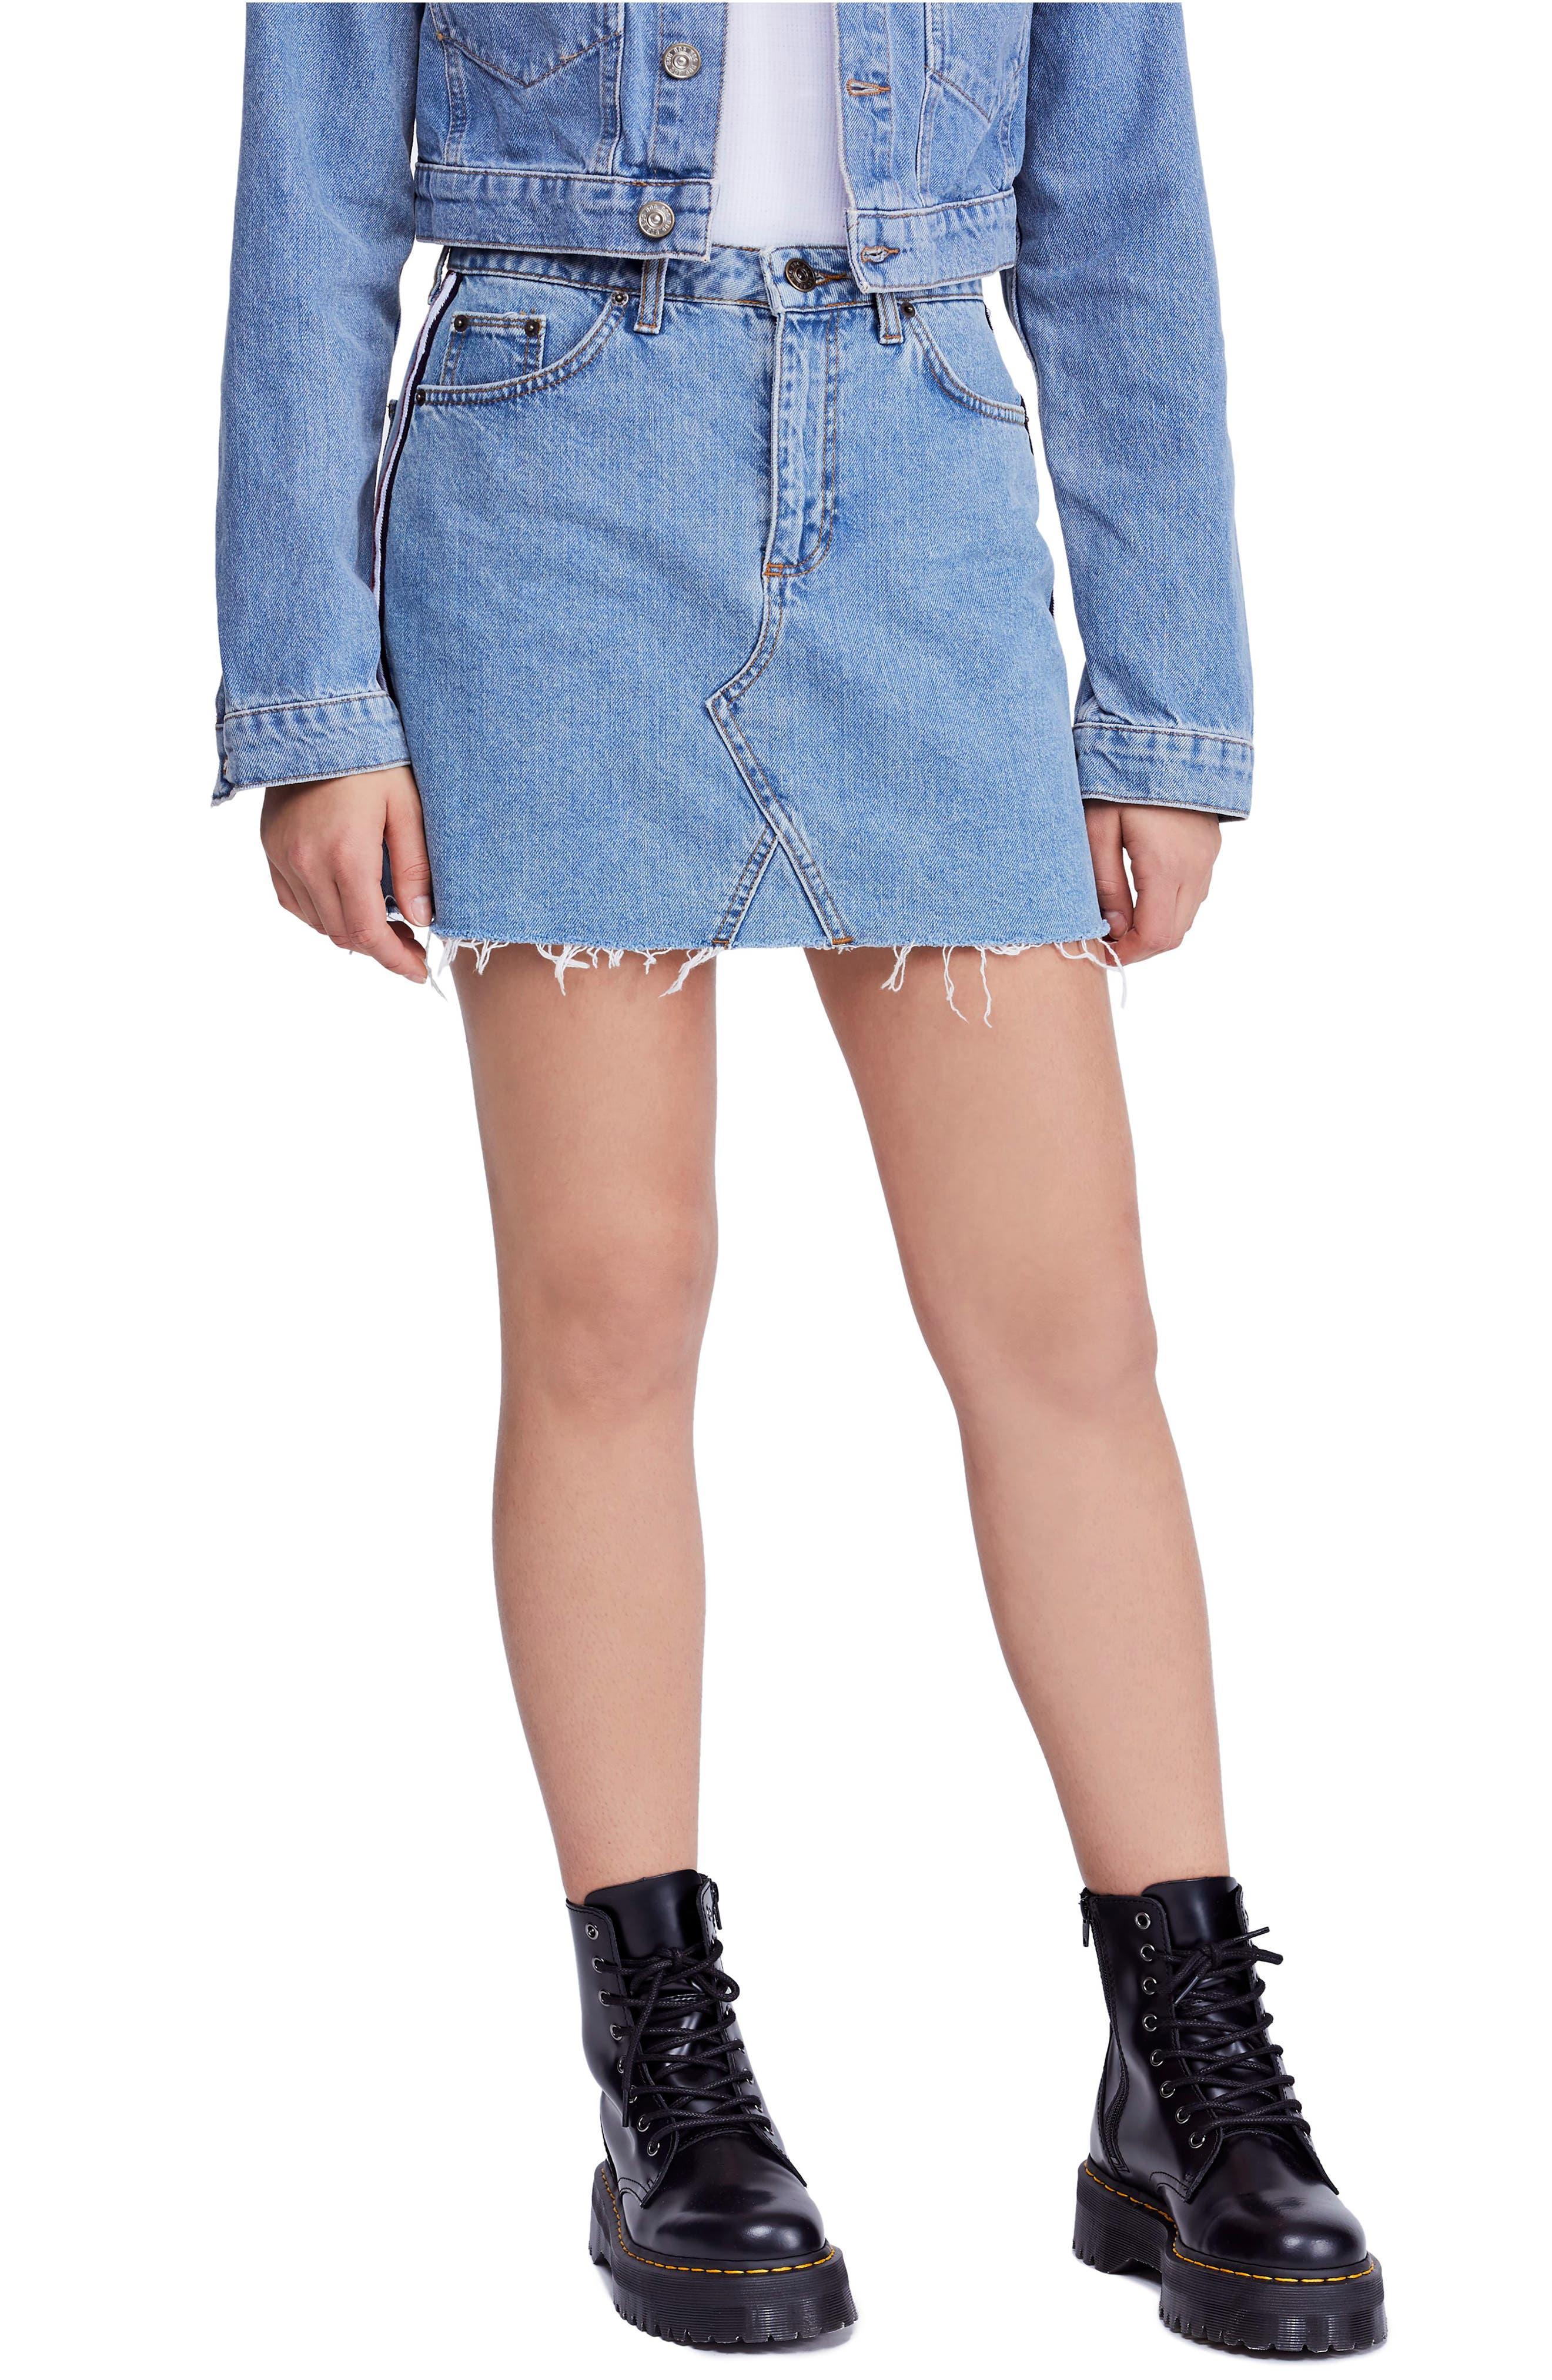 Bdg Urban Outfitters Side Stripe Denim Miniskirt, Blue